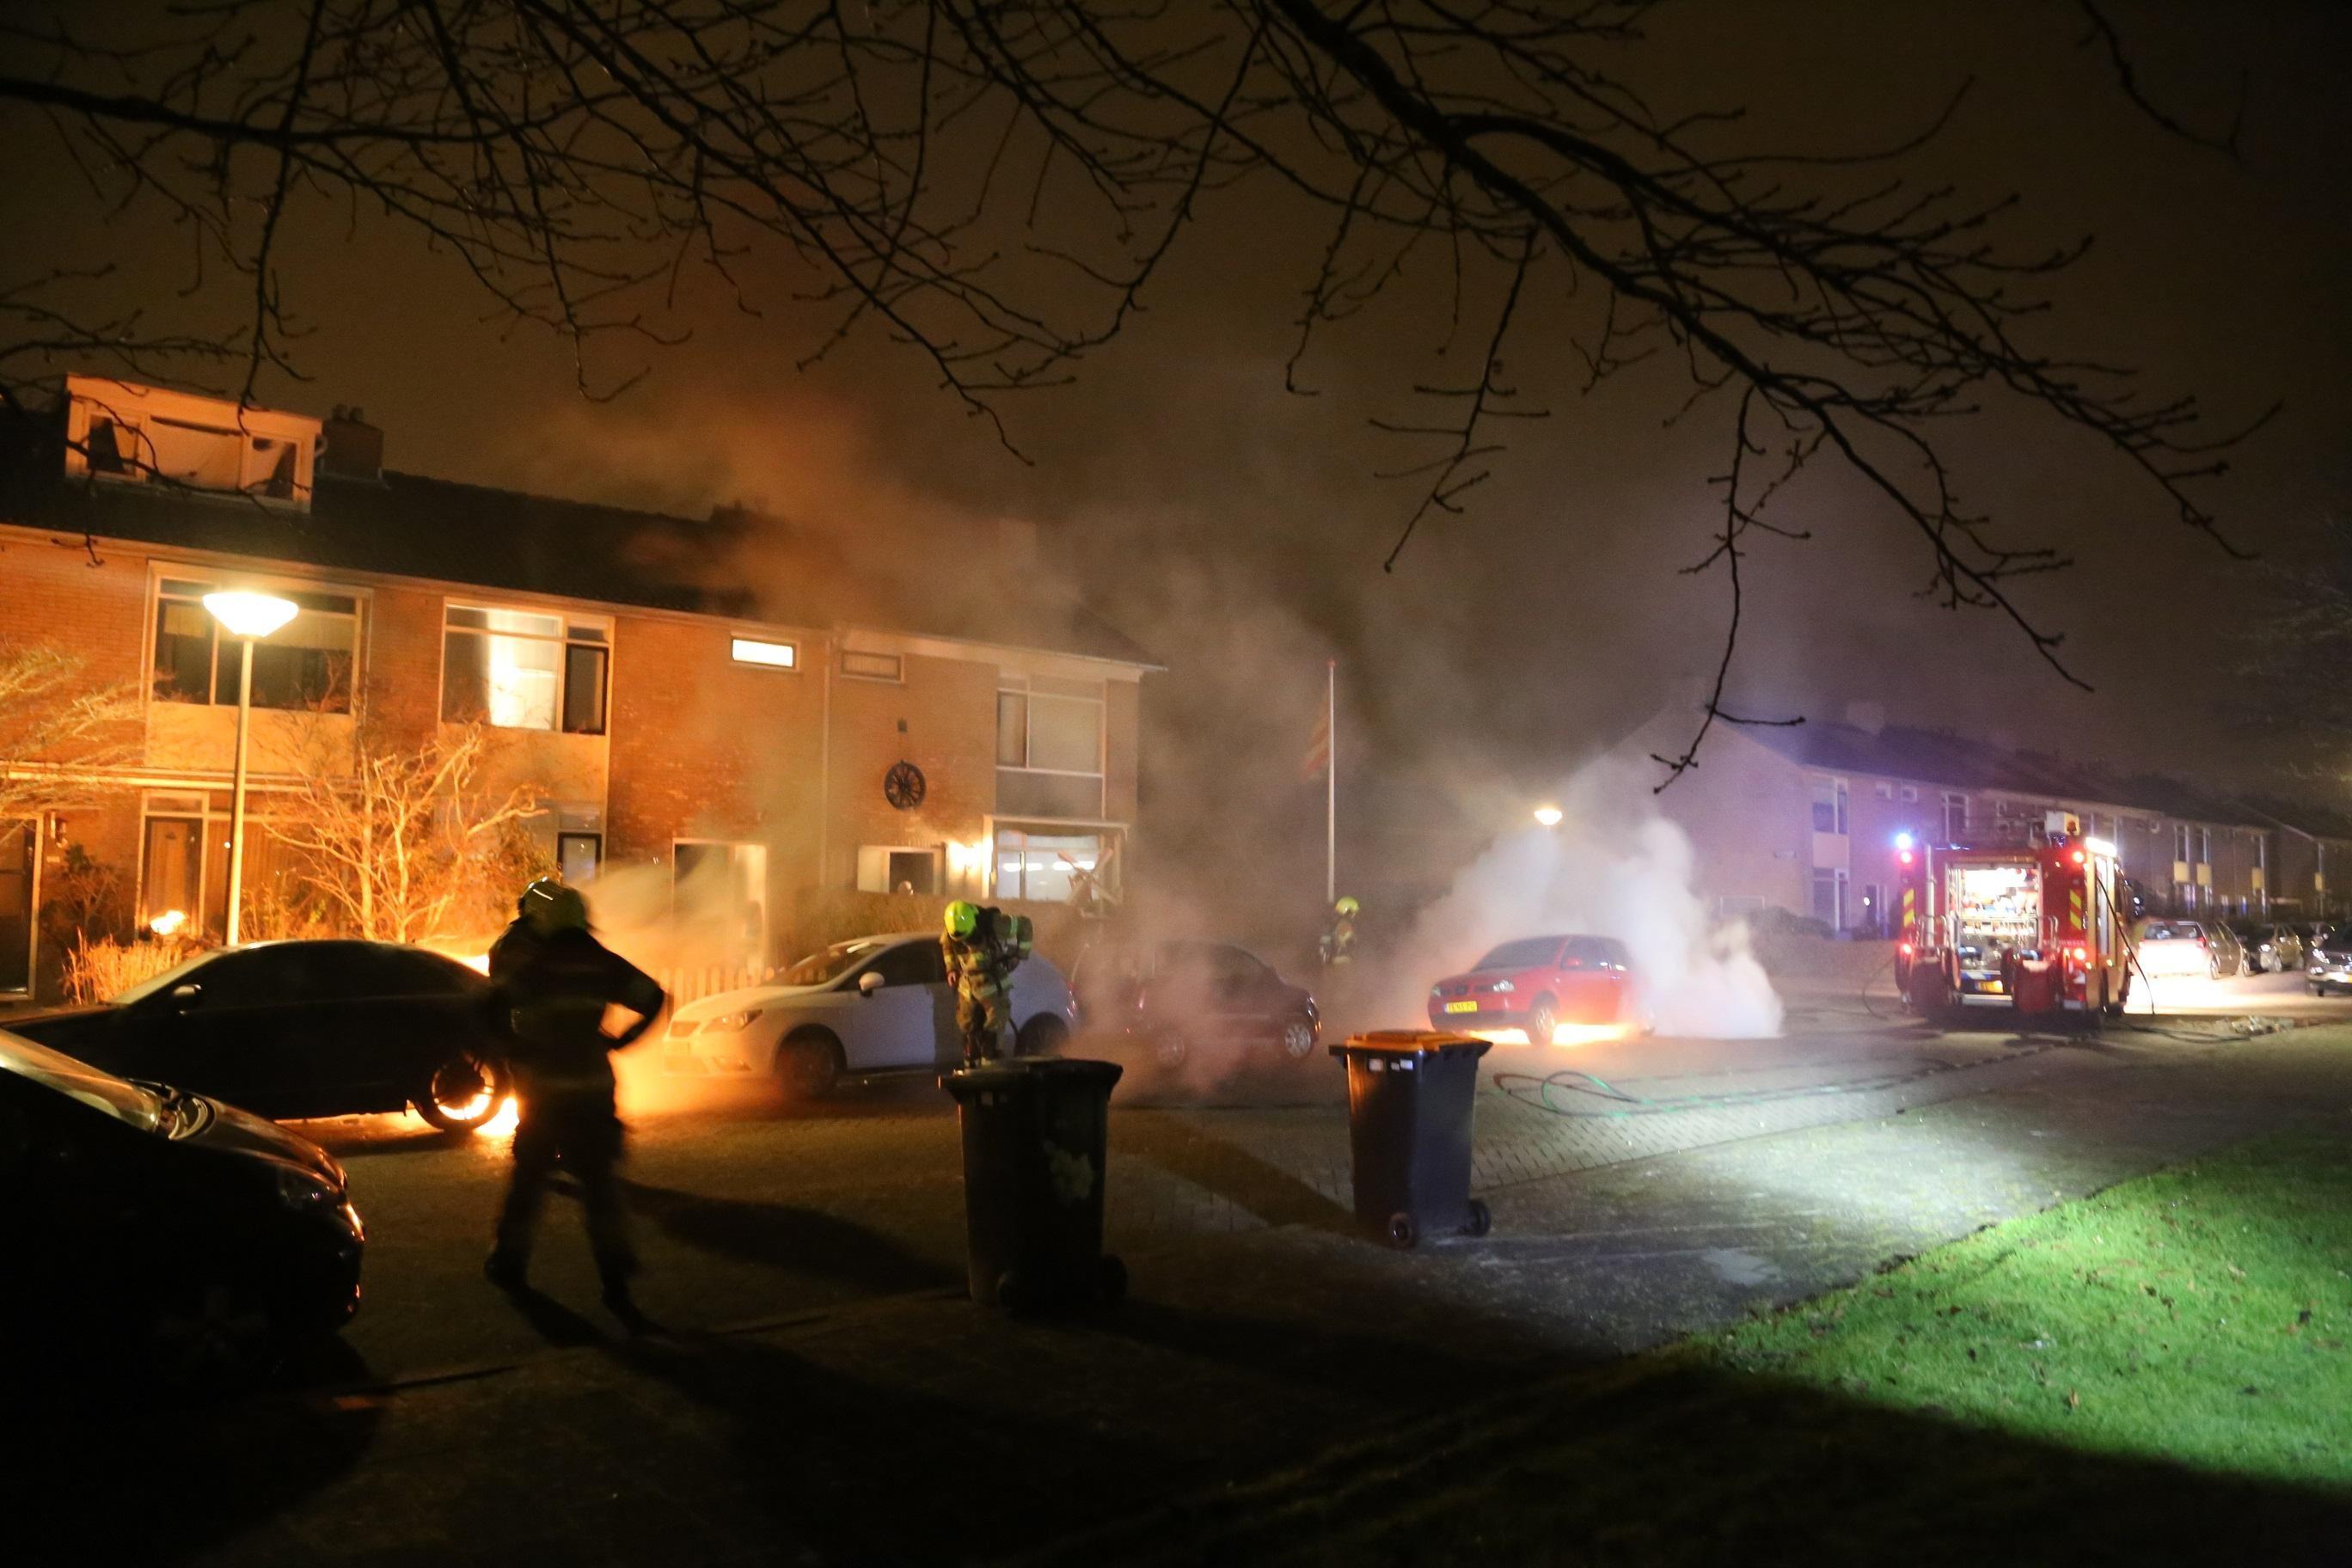 Twee auto's uitgebrand in Den Helder, politie vermoedt brandstichting. via @nhdagblad